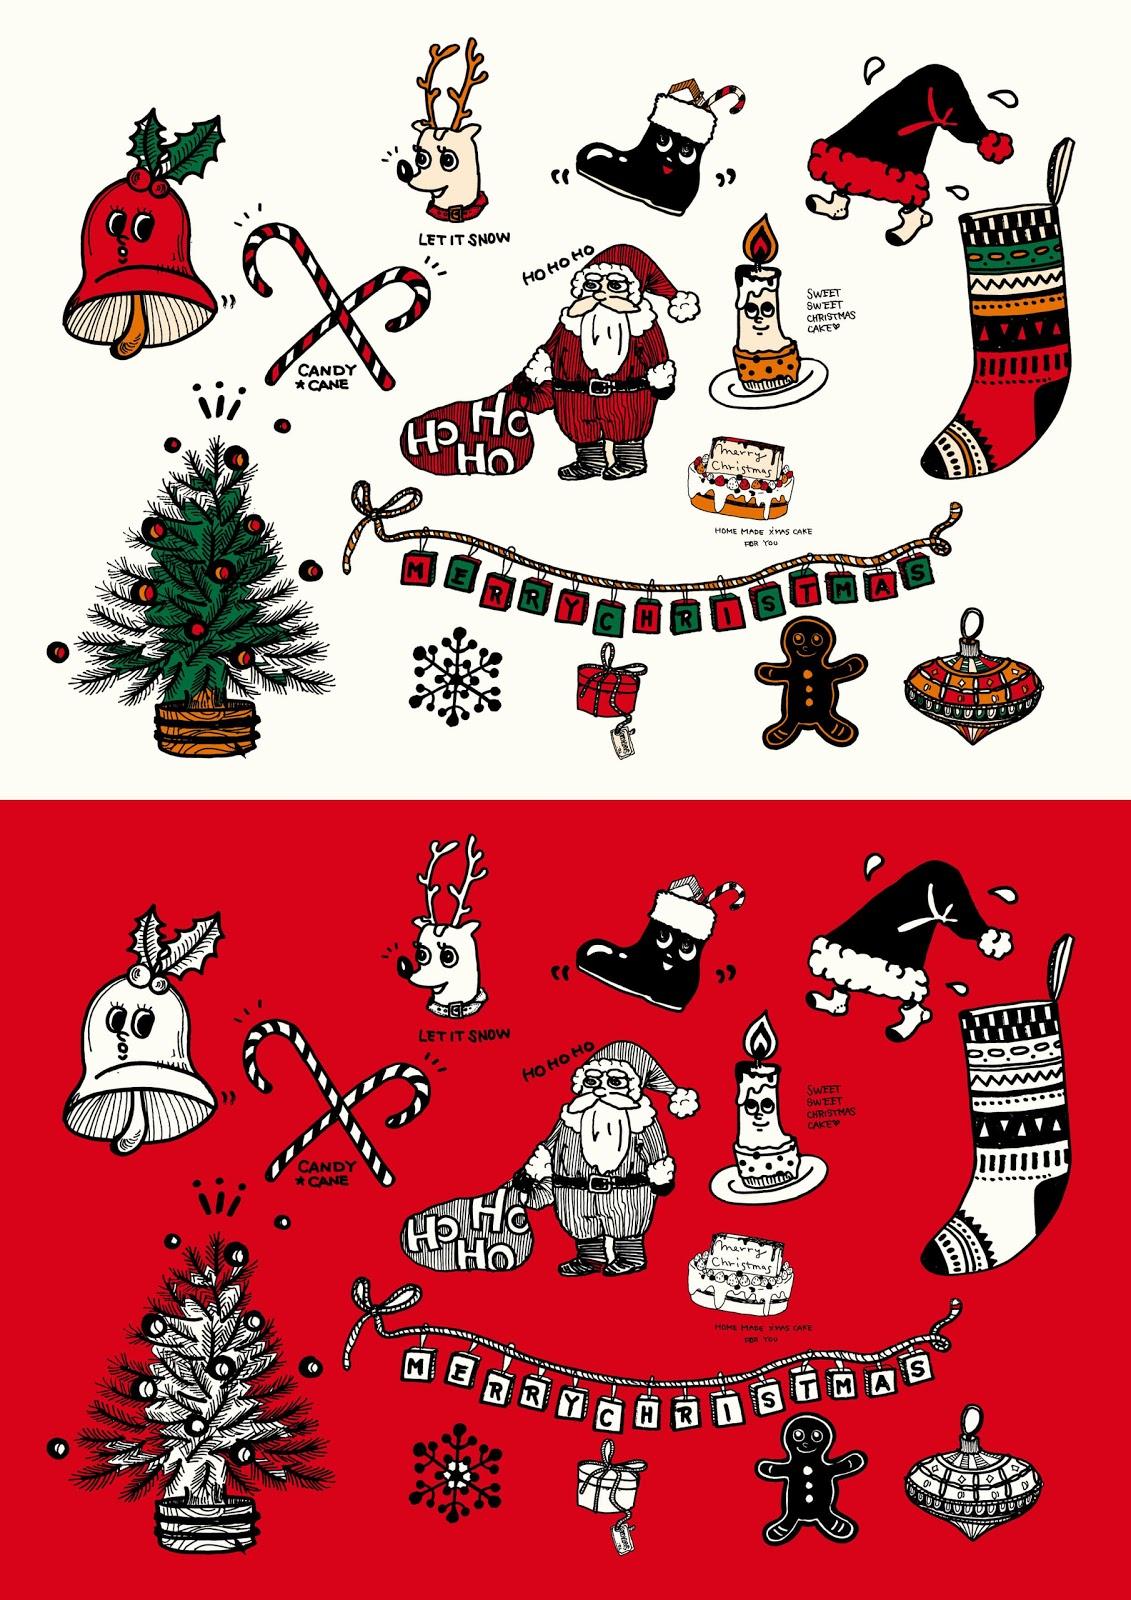 クリスマスの手書きイラスト配ってます! - diy集客tips | 店頭販促popを